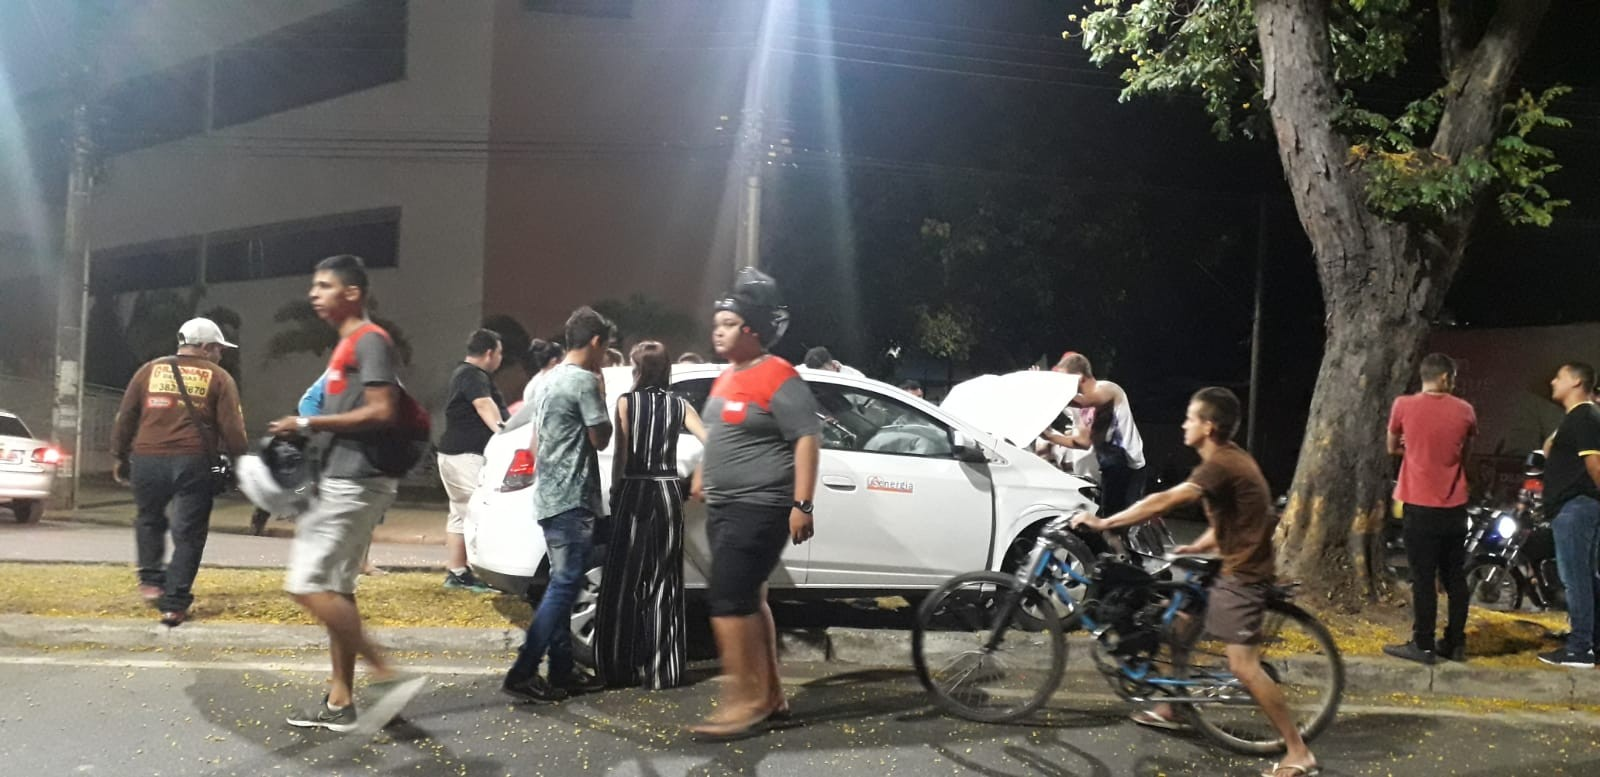 Carro bate em árvore e motorista fica ferido em Ipatinga - Notícias - Plantão Diário